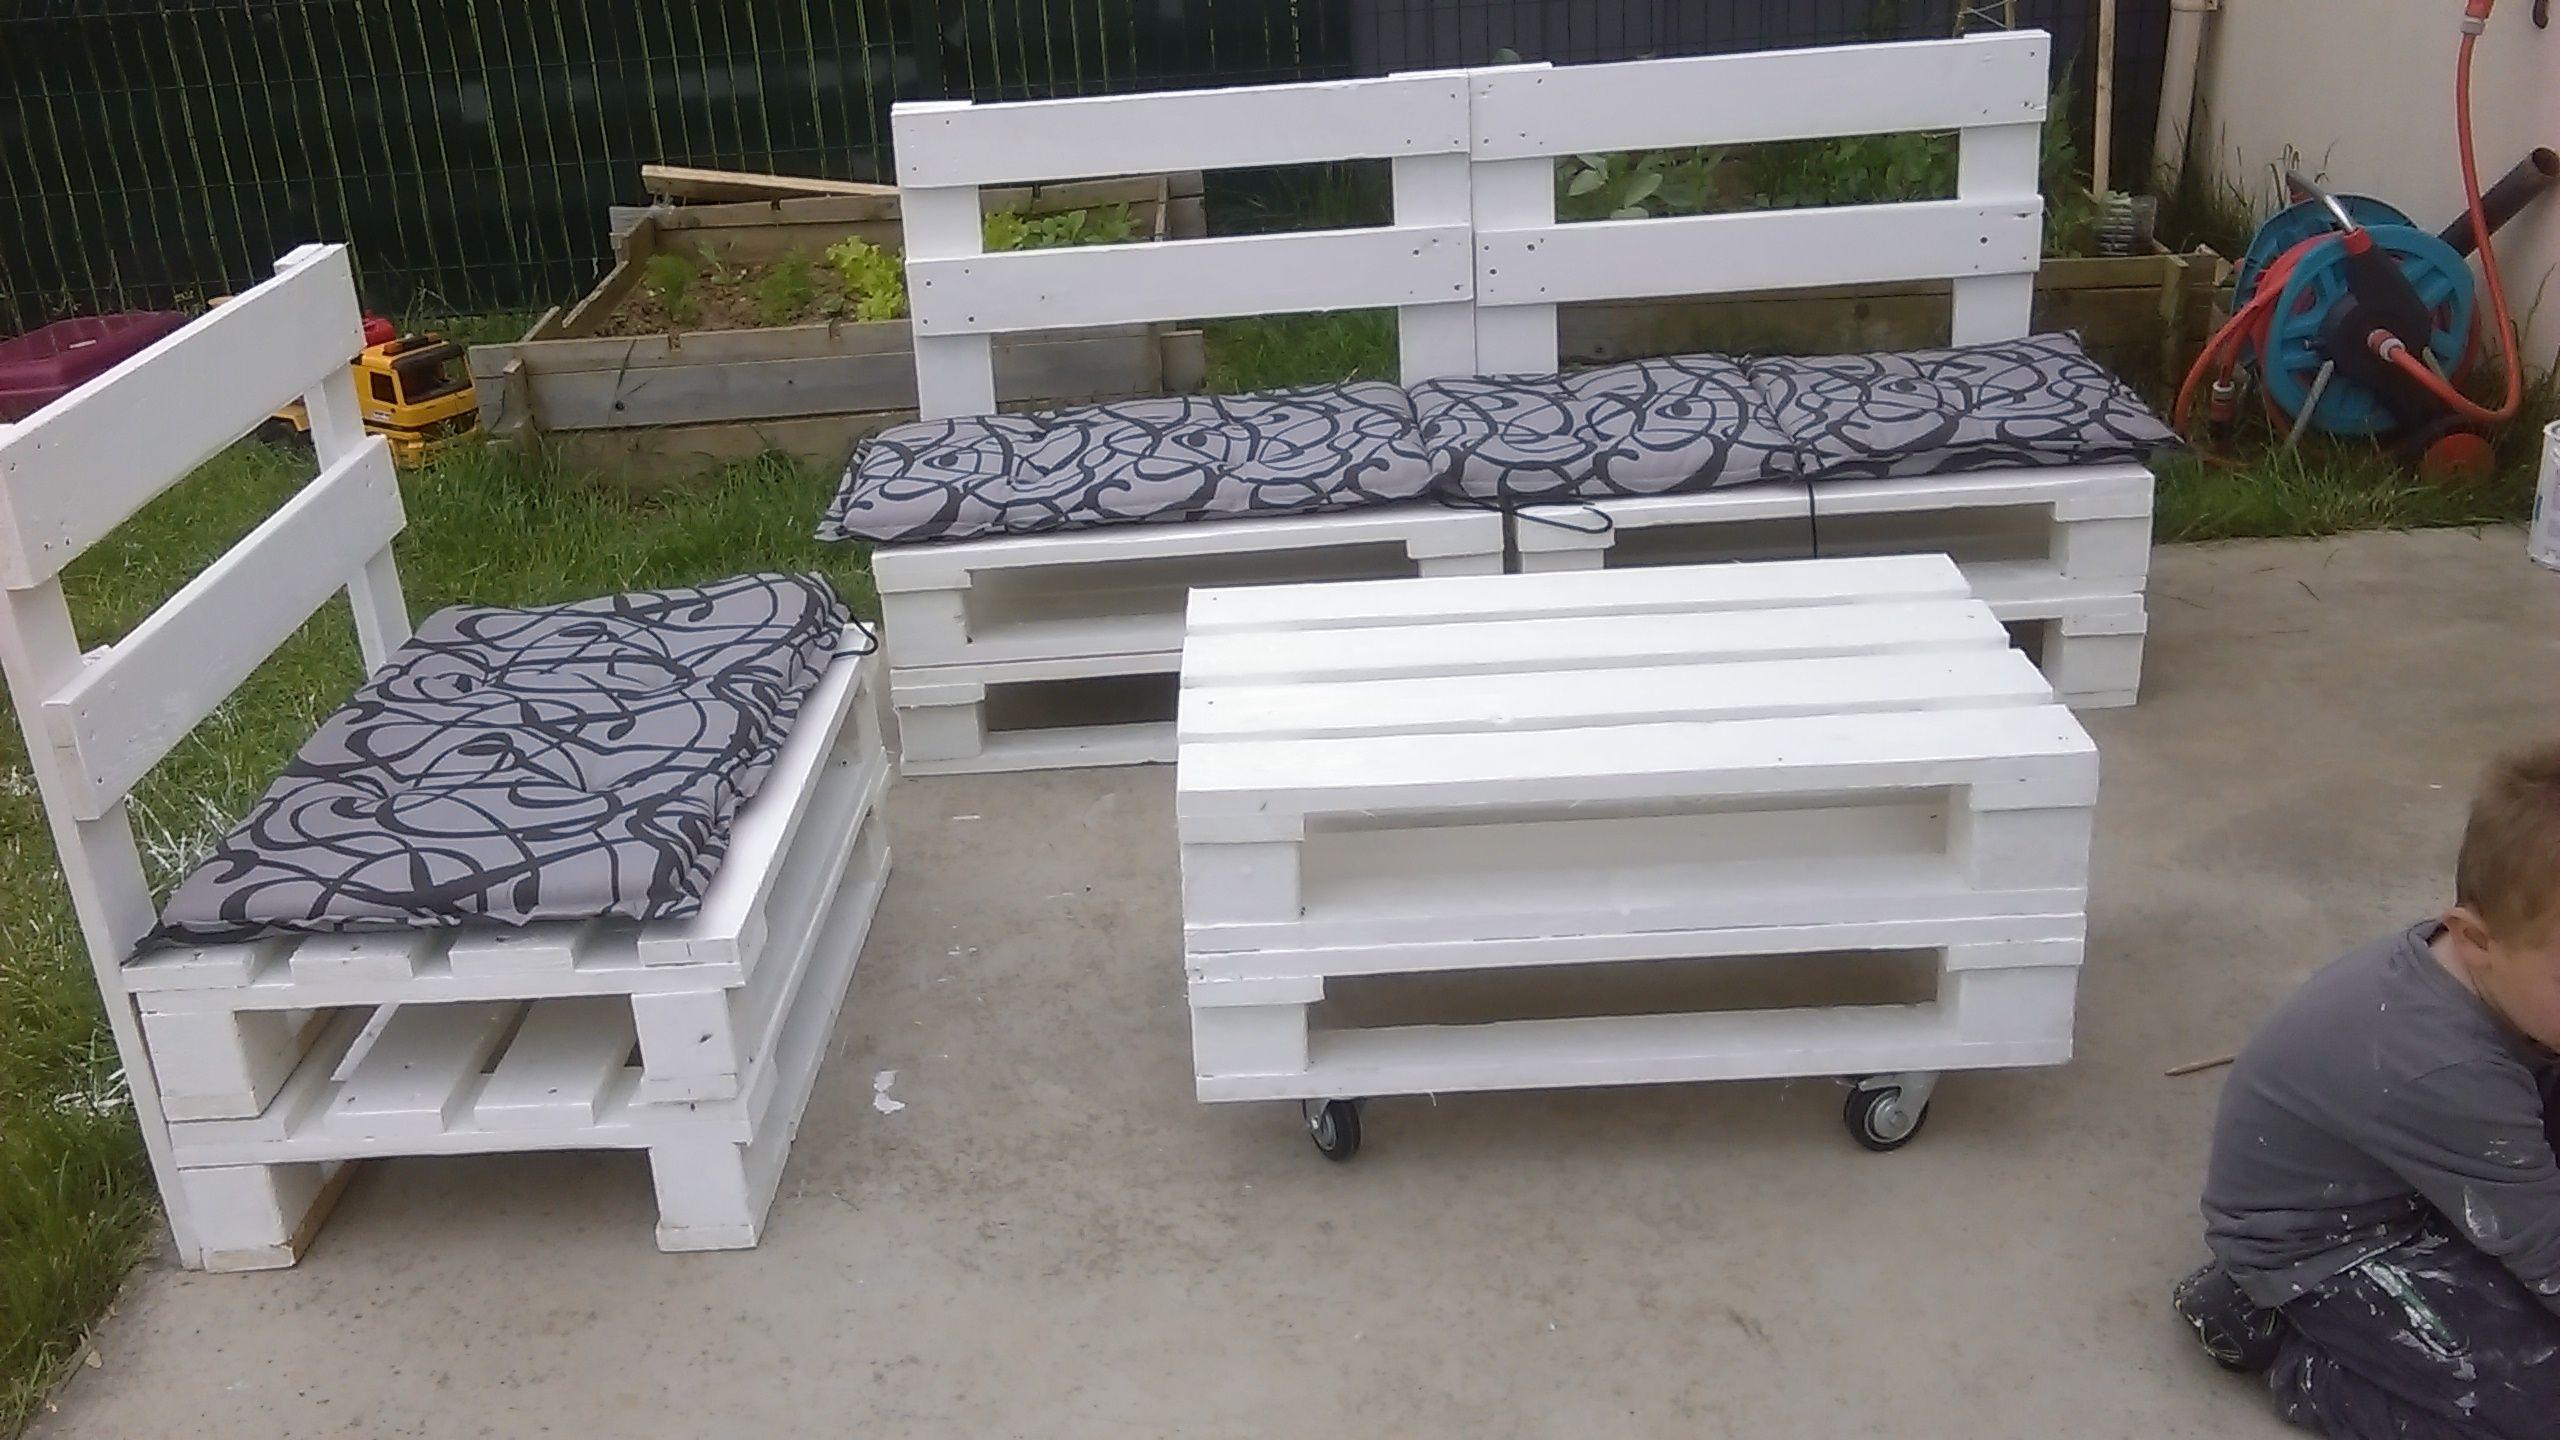 Salon de jardin réalisé avec des palettes | Agrément de ...